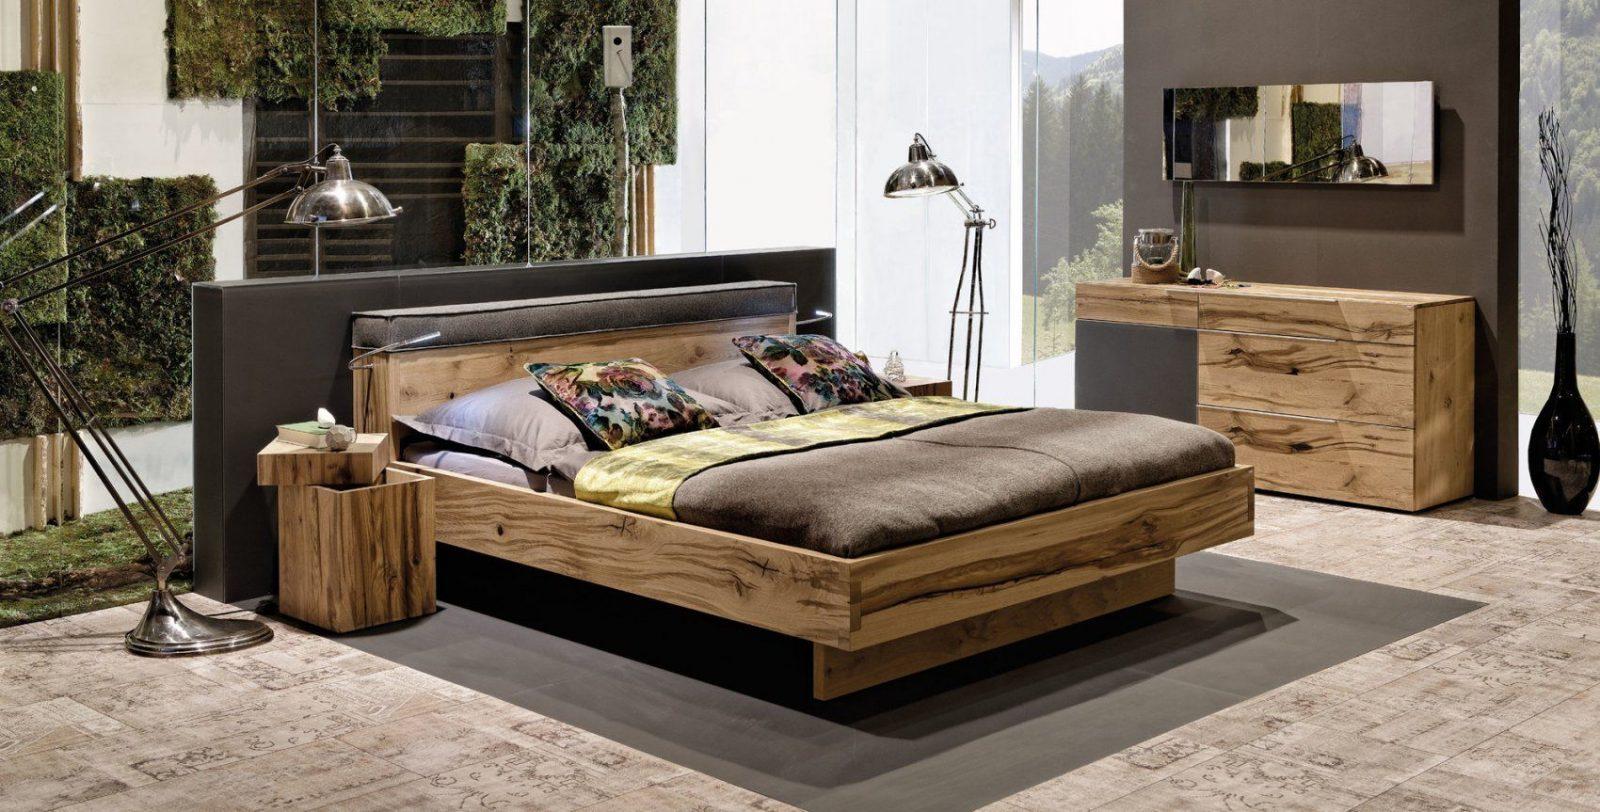 Vpur – Schlafzimmernaturholzmöbel In Eiche Altholz von Voglauer V Pur Bett Bild